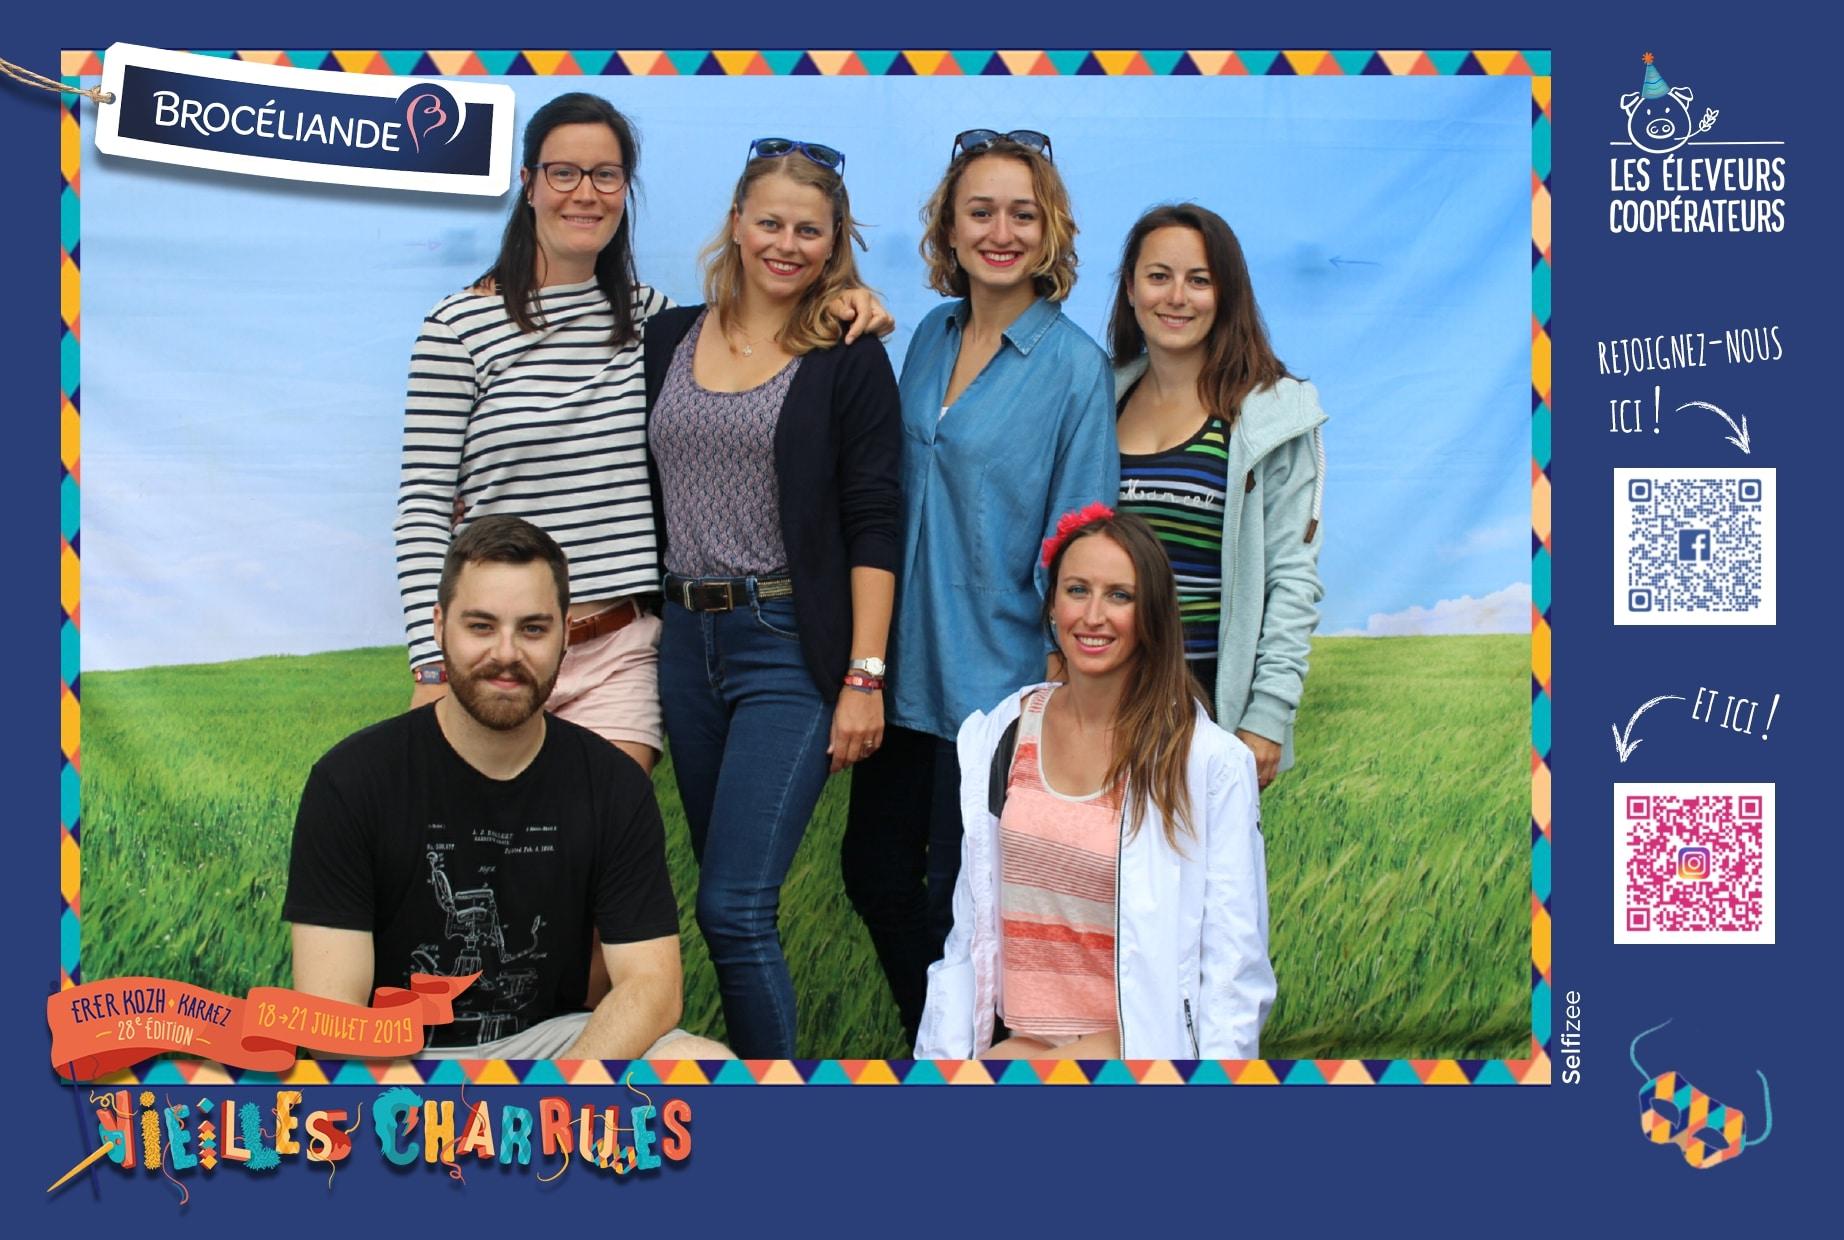 Animation photocall et borne selfie au stand Brocéliande à l'édition 2019 du festival des Vieilles Charrues à Carhaix Plouguer dans le Finistère